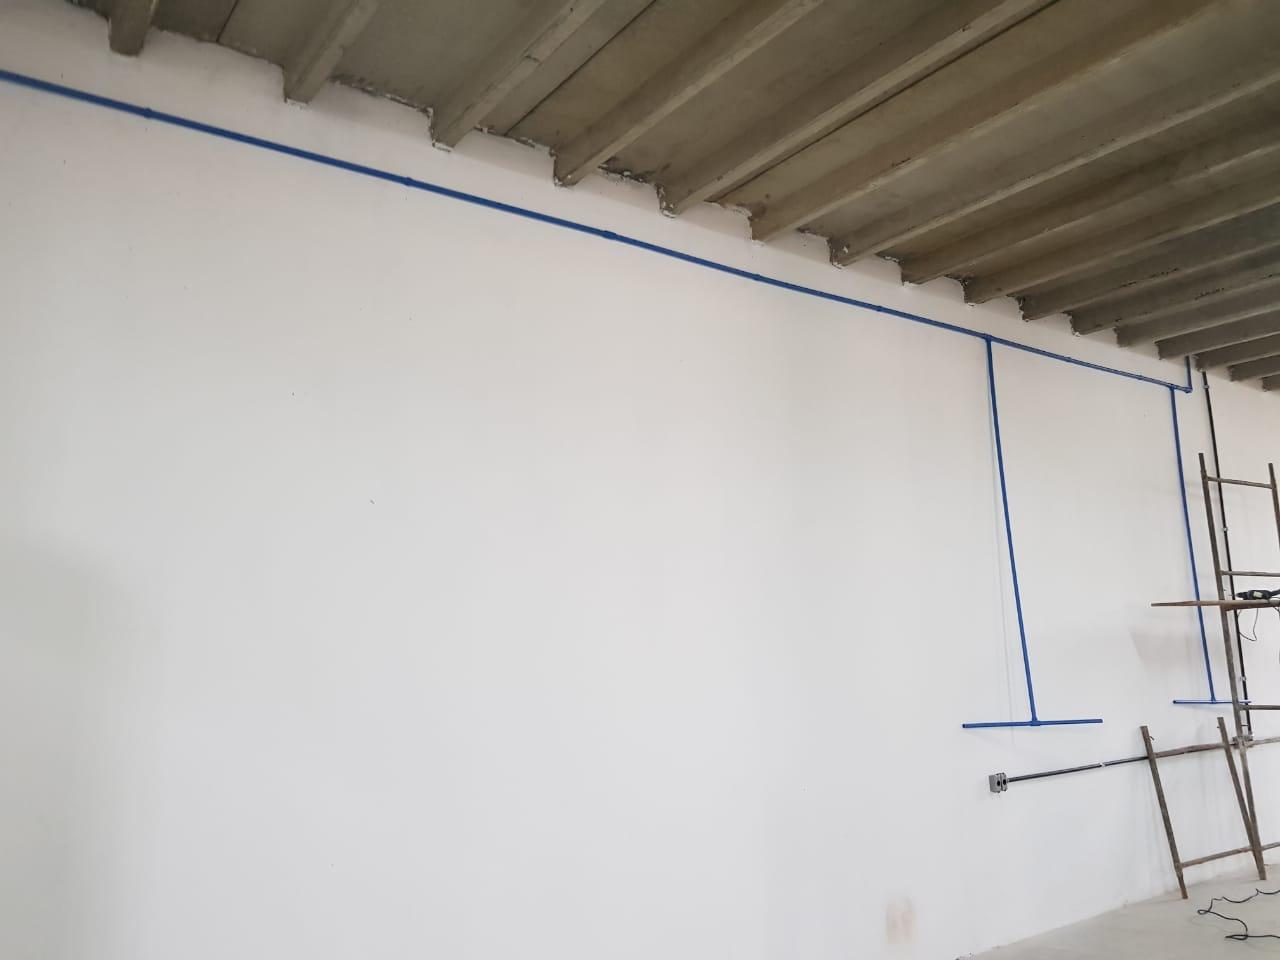 Tubos e conexões para rede de ar comprimido